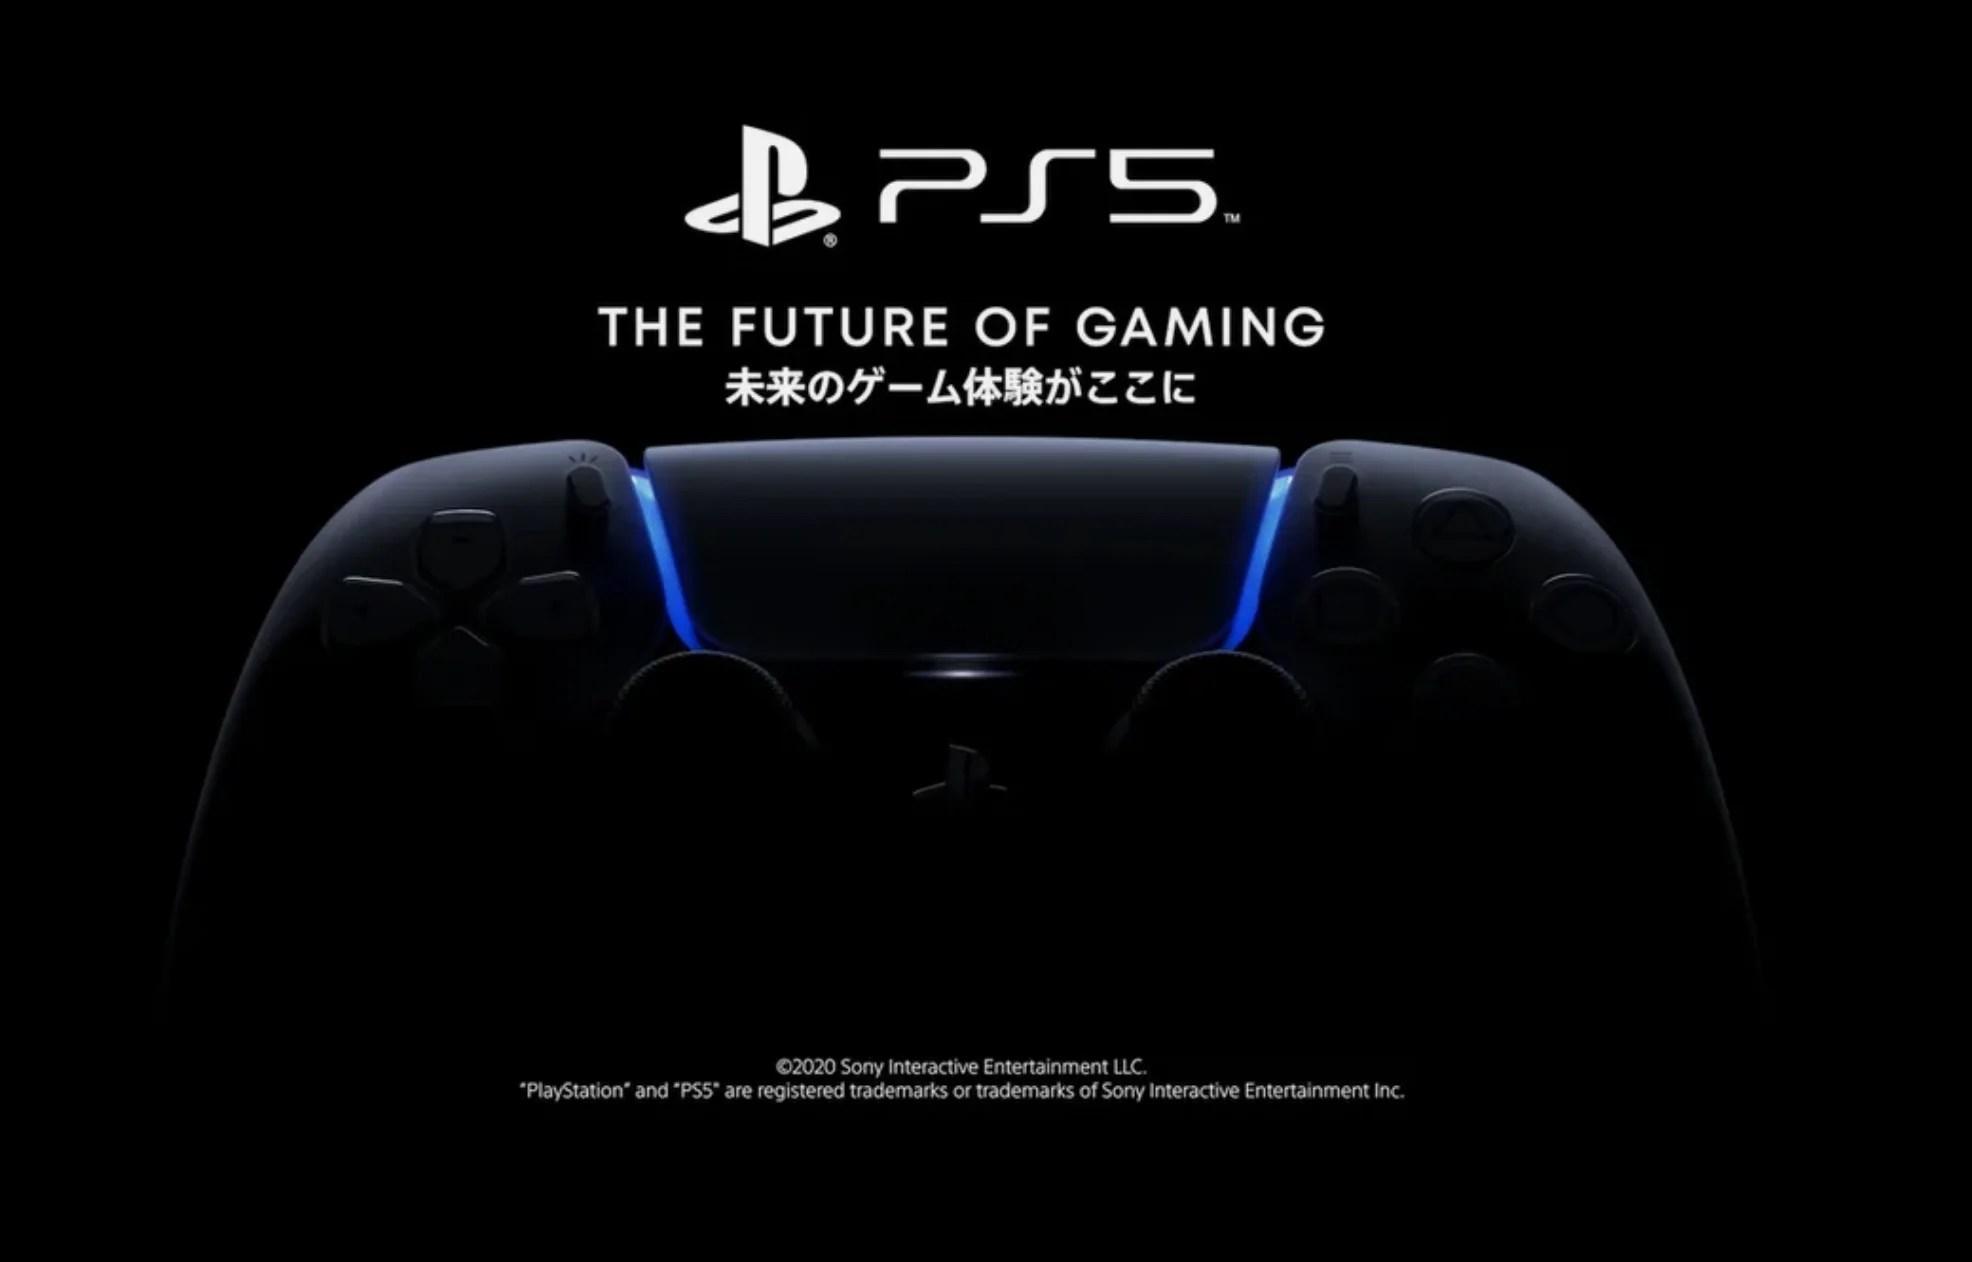 【News】PS5のゲーム体験がついに本格お披露目。ローンチタイトル発表イベントが6月5日午前5時よりスタート!